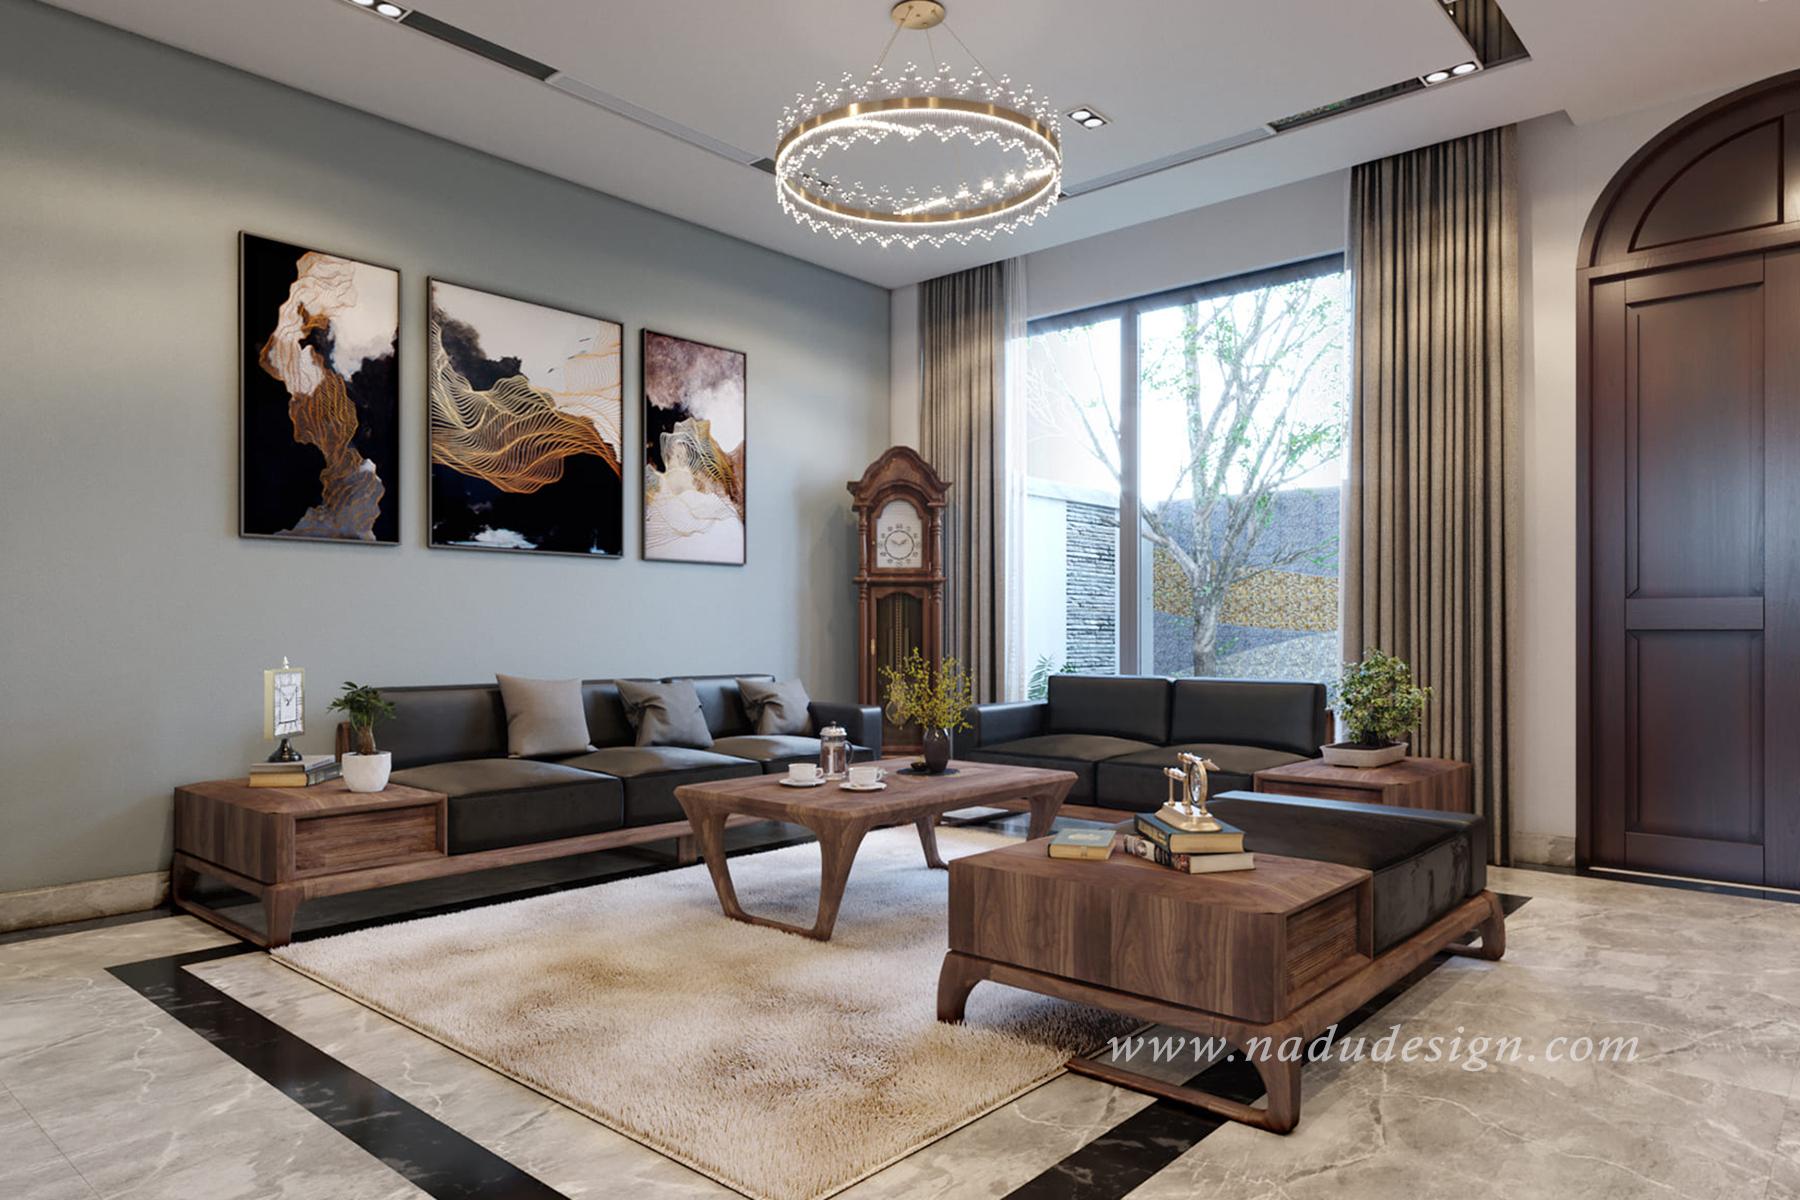 Thiết kế nội thất biệt thự song lập bí quyết để có bản thiết kế hoàn hảo